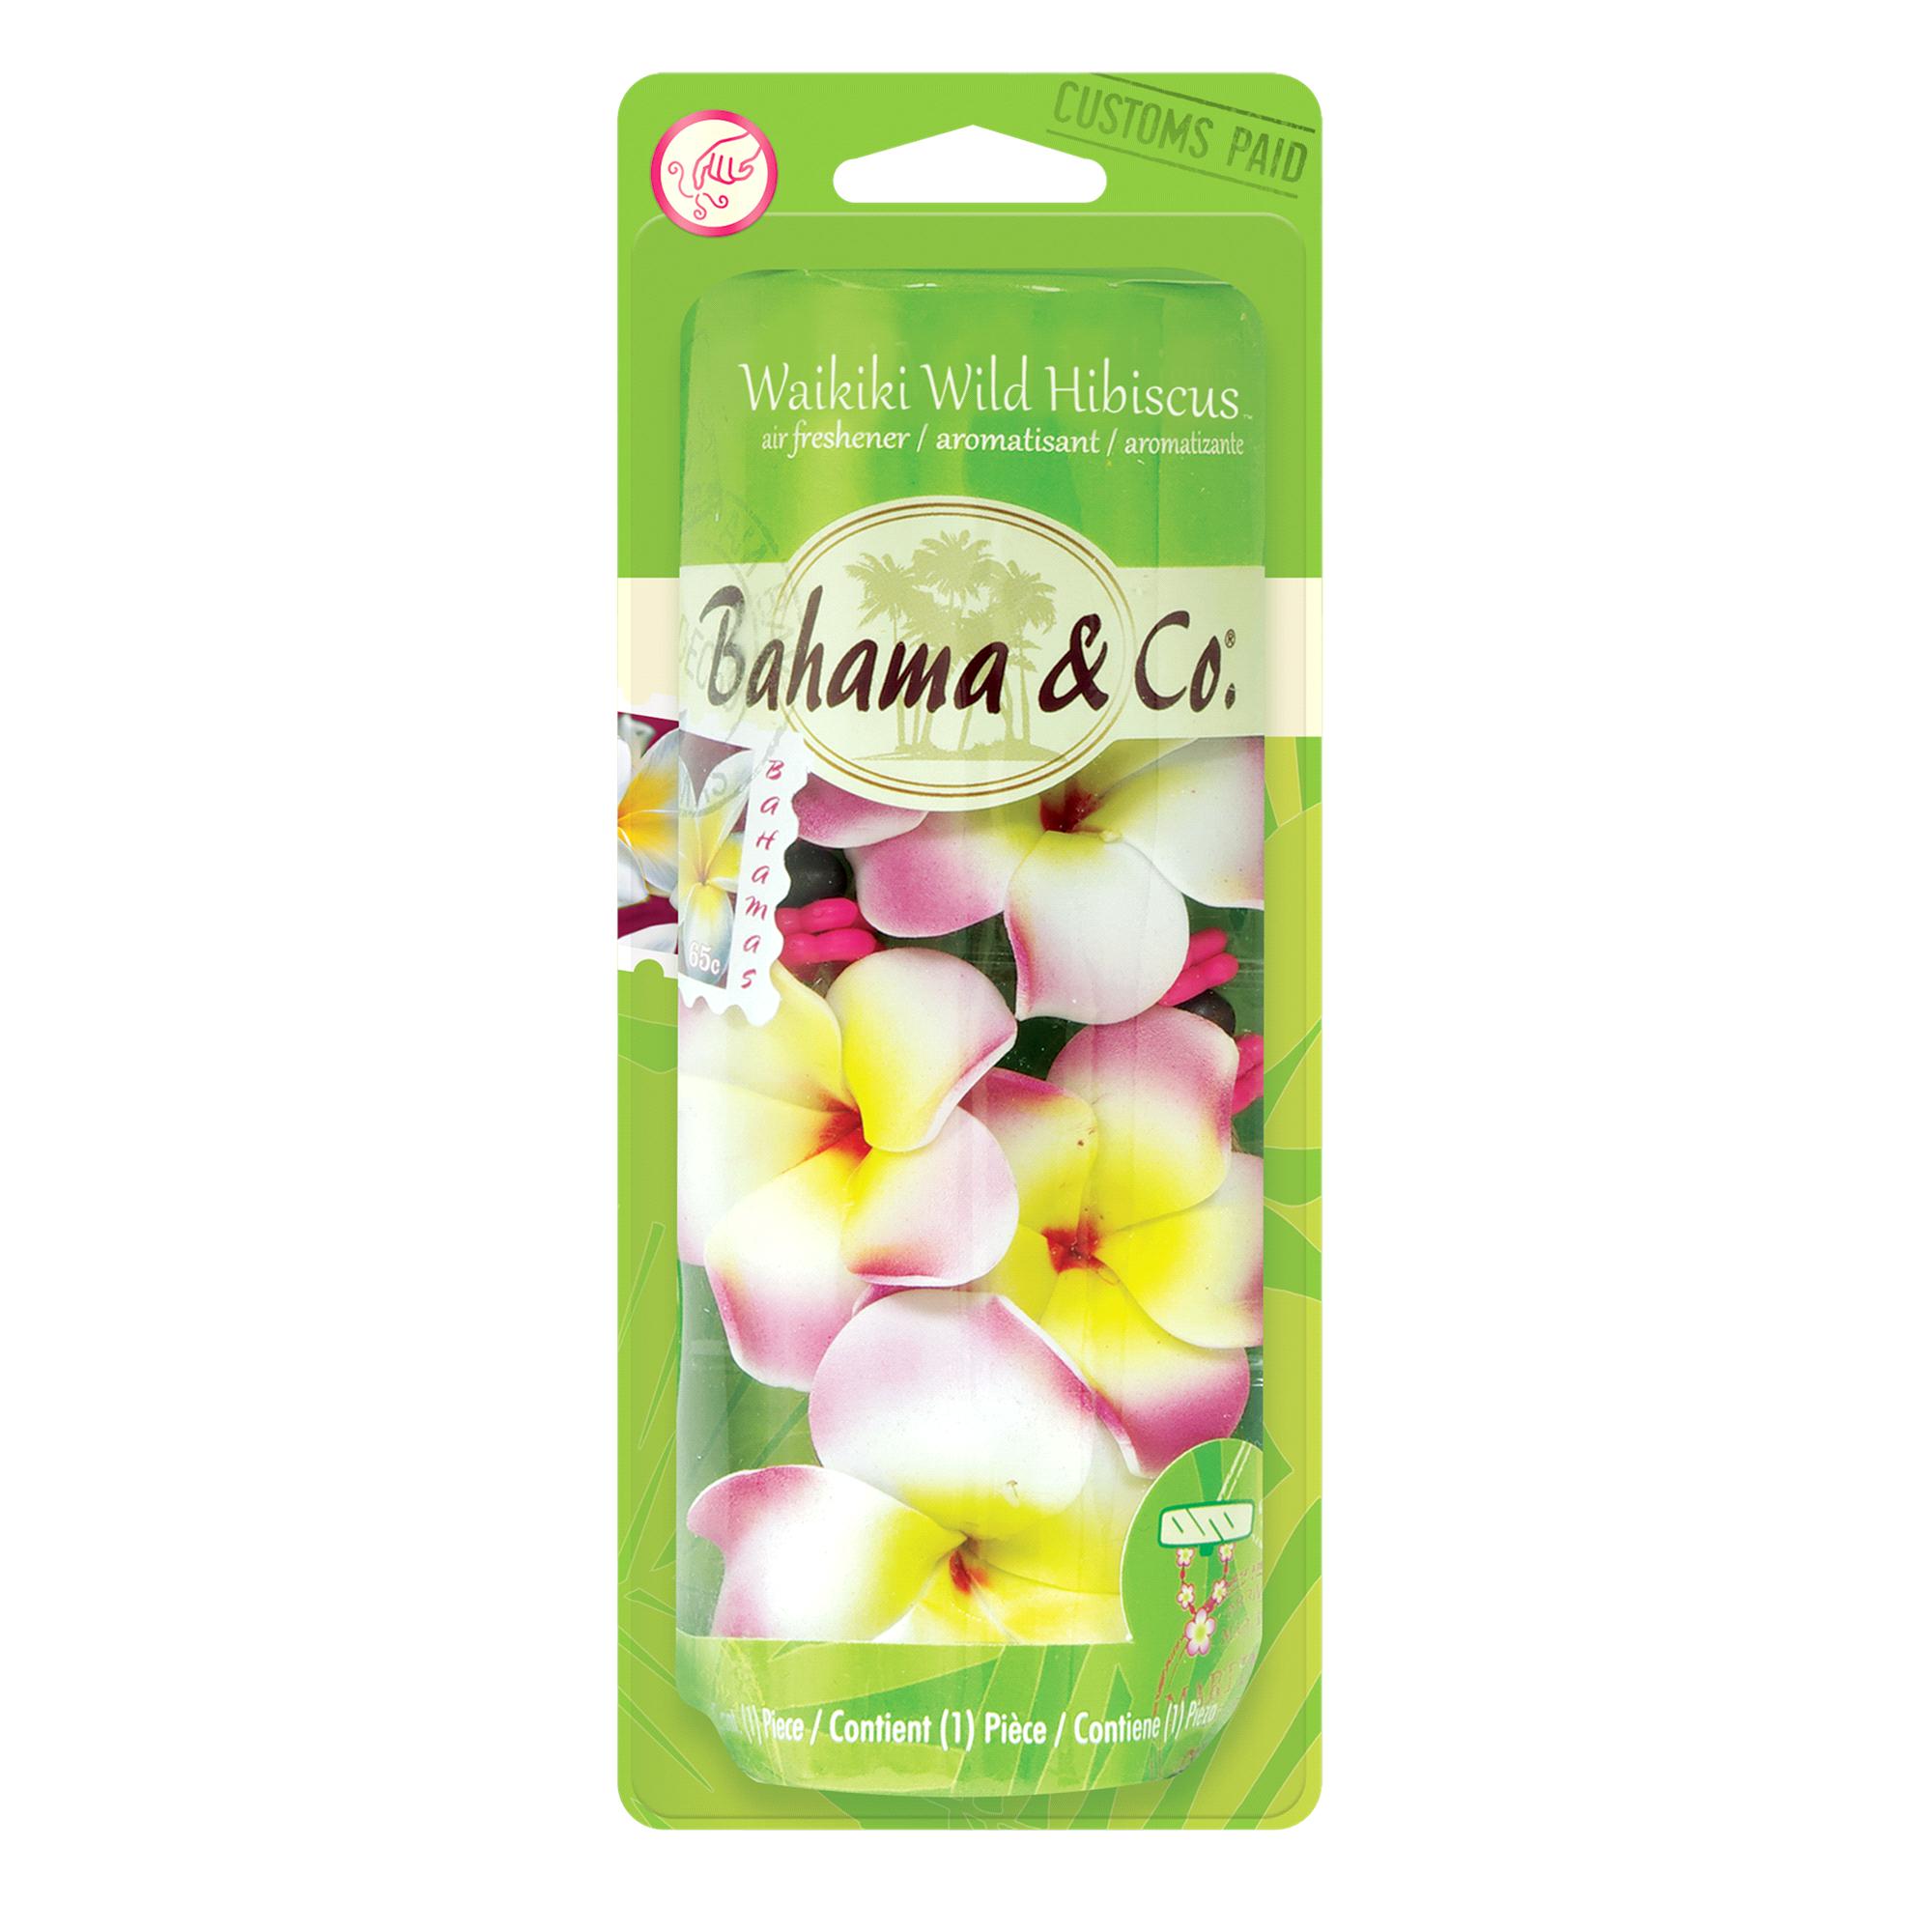 Bahama co necklace waikiki wild hibiscus meijer izmirmasajfo